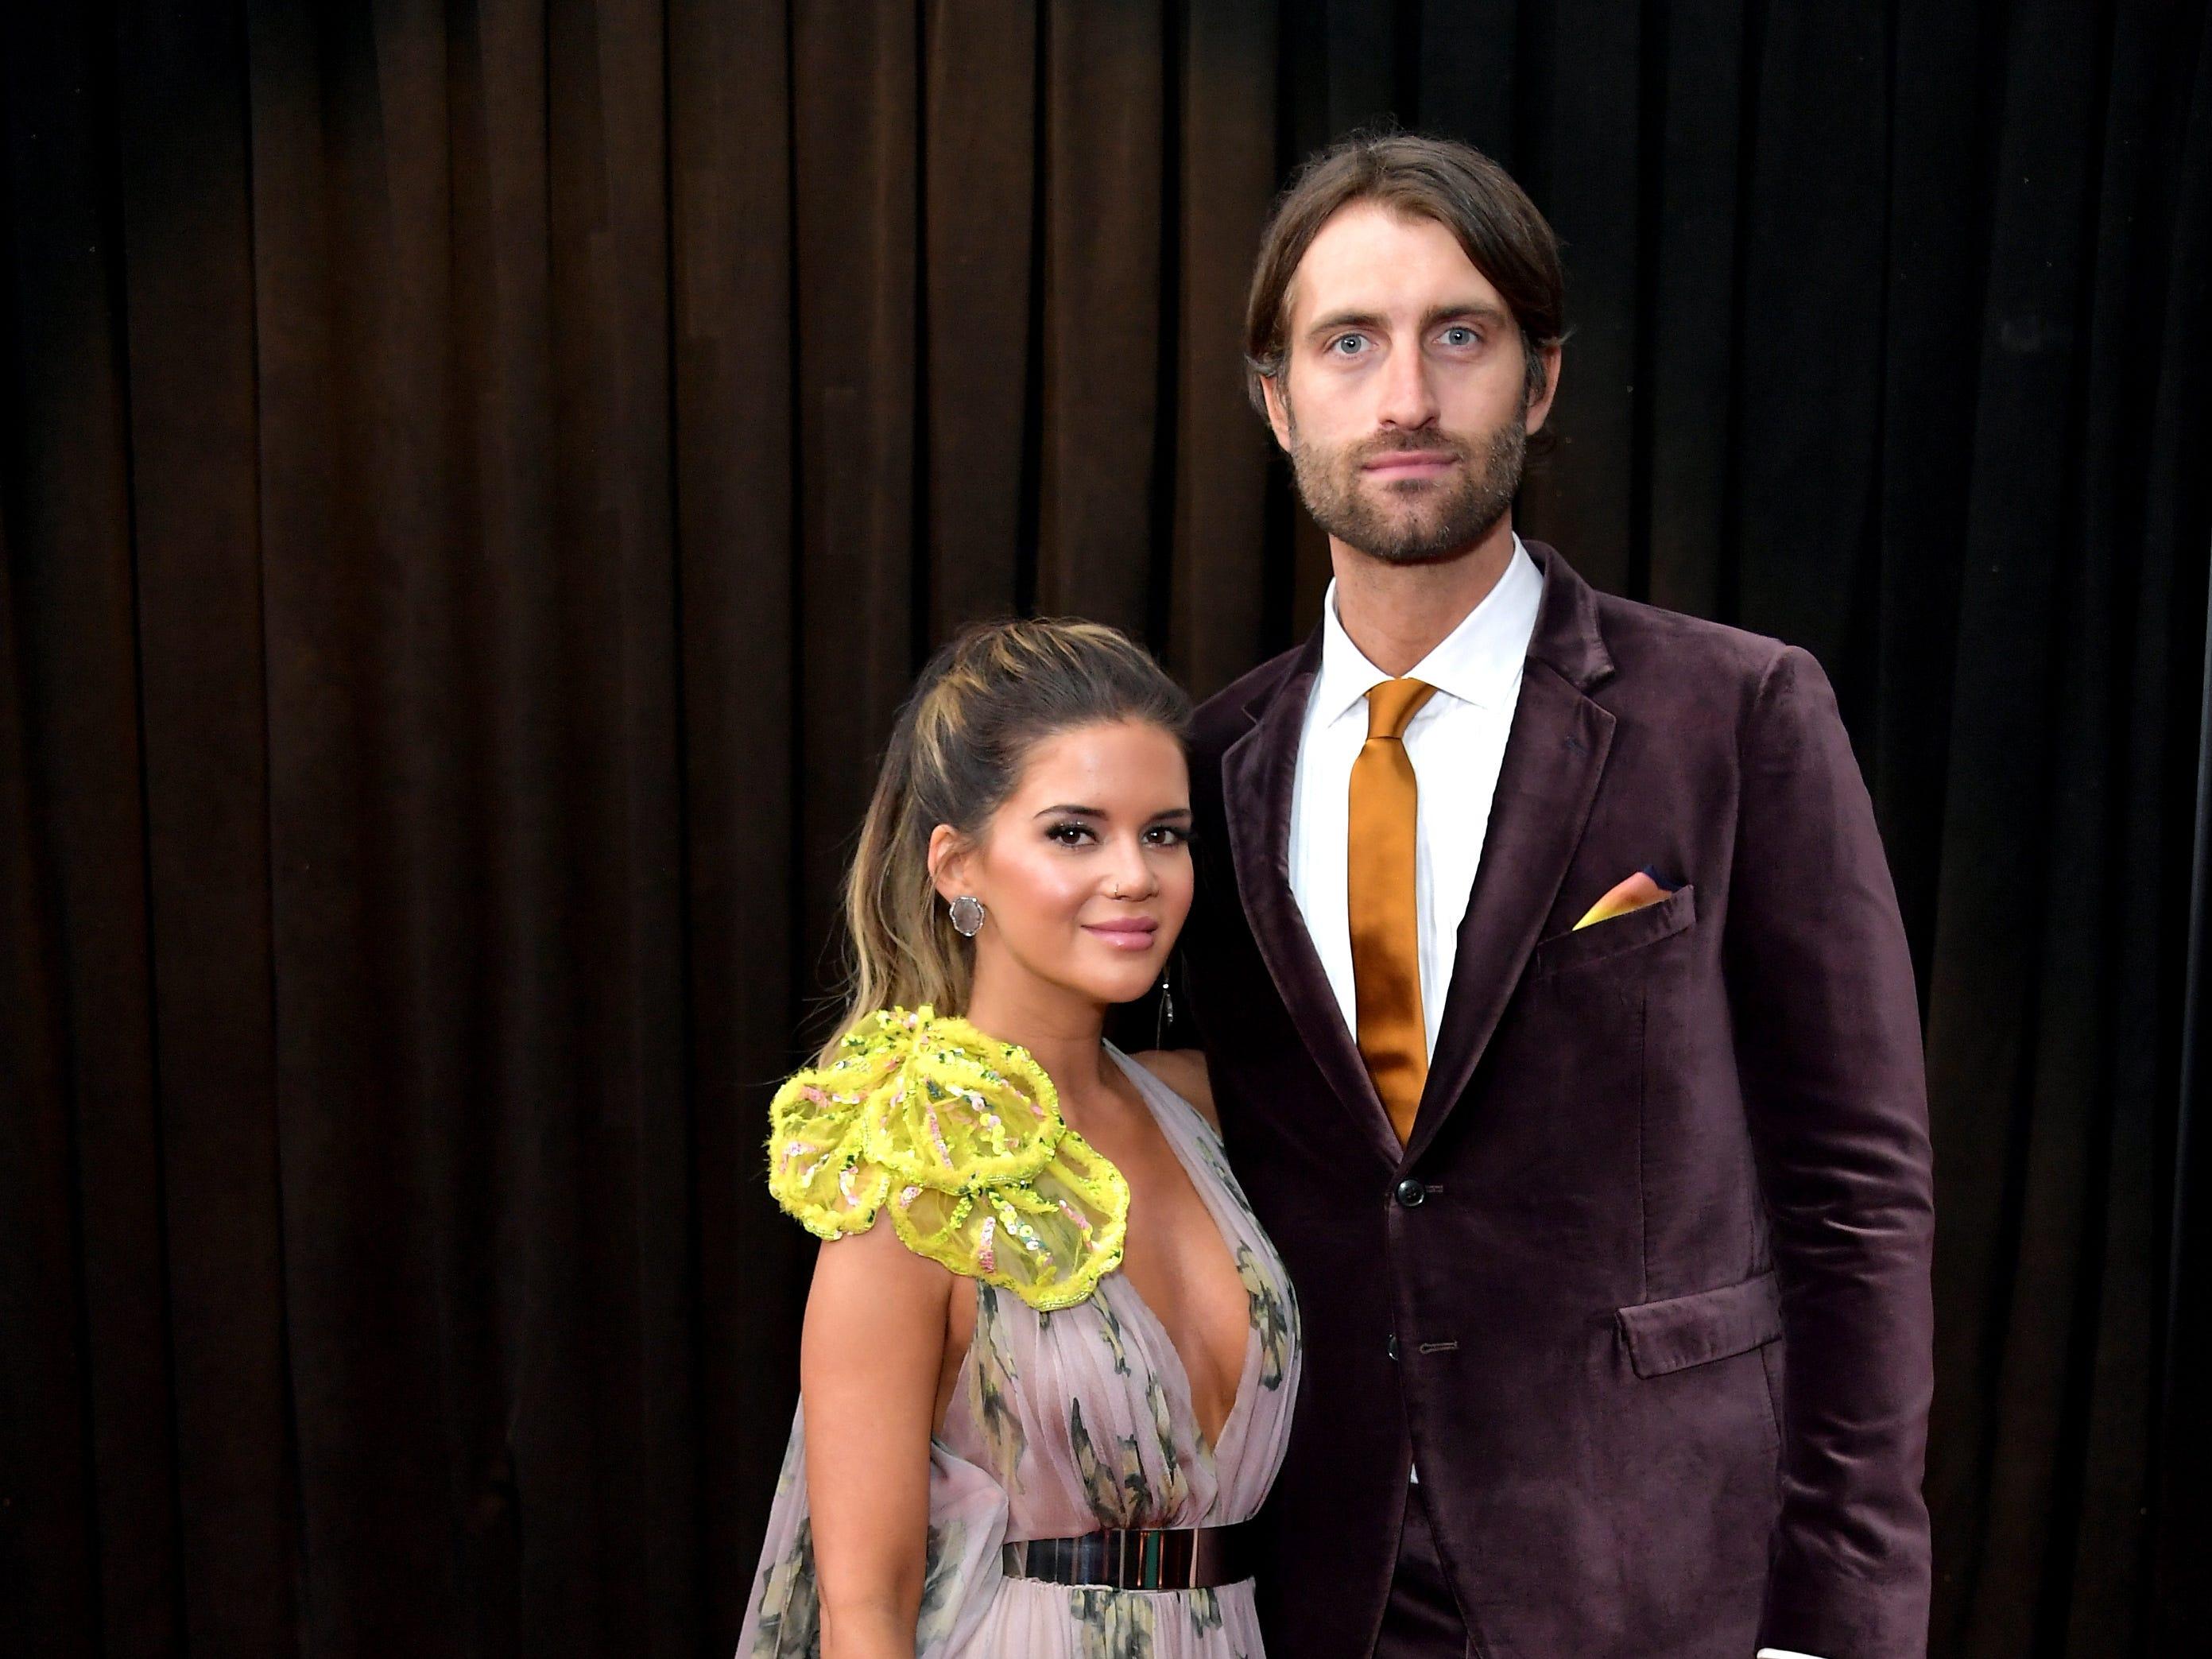 Maren Morris y Ryan Hurd asisten a la 61ª edición de los premios GRAMMY en el Staples Center el 10 de febrero de 2019 en Los Ángeles, California.